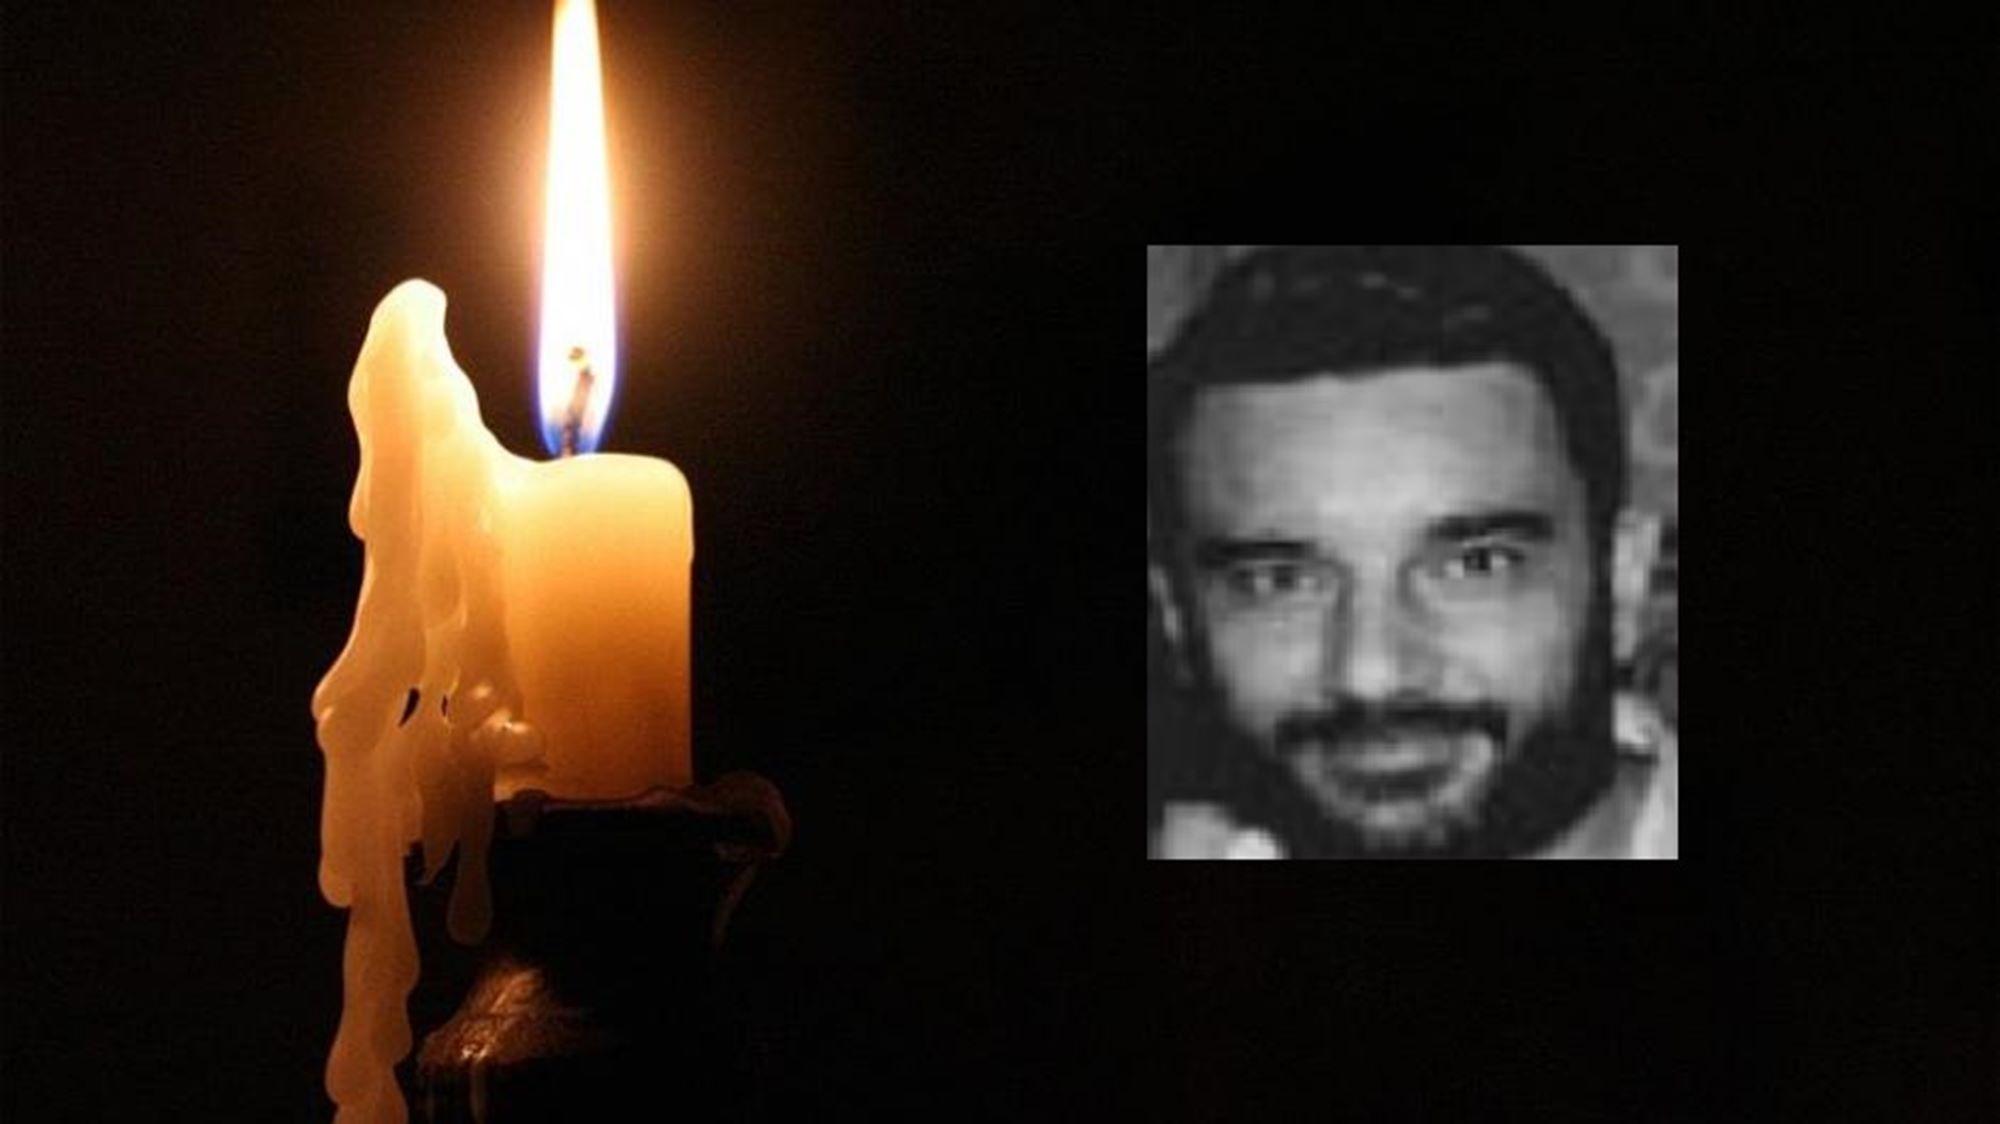 Θρήνος για την απώλεια του 42χρονου Λαρισαίου επιχειρηματία Απόστολου Βαλιάκα